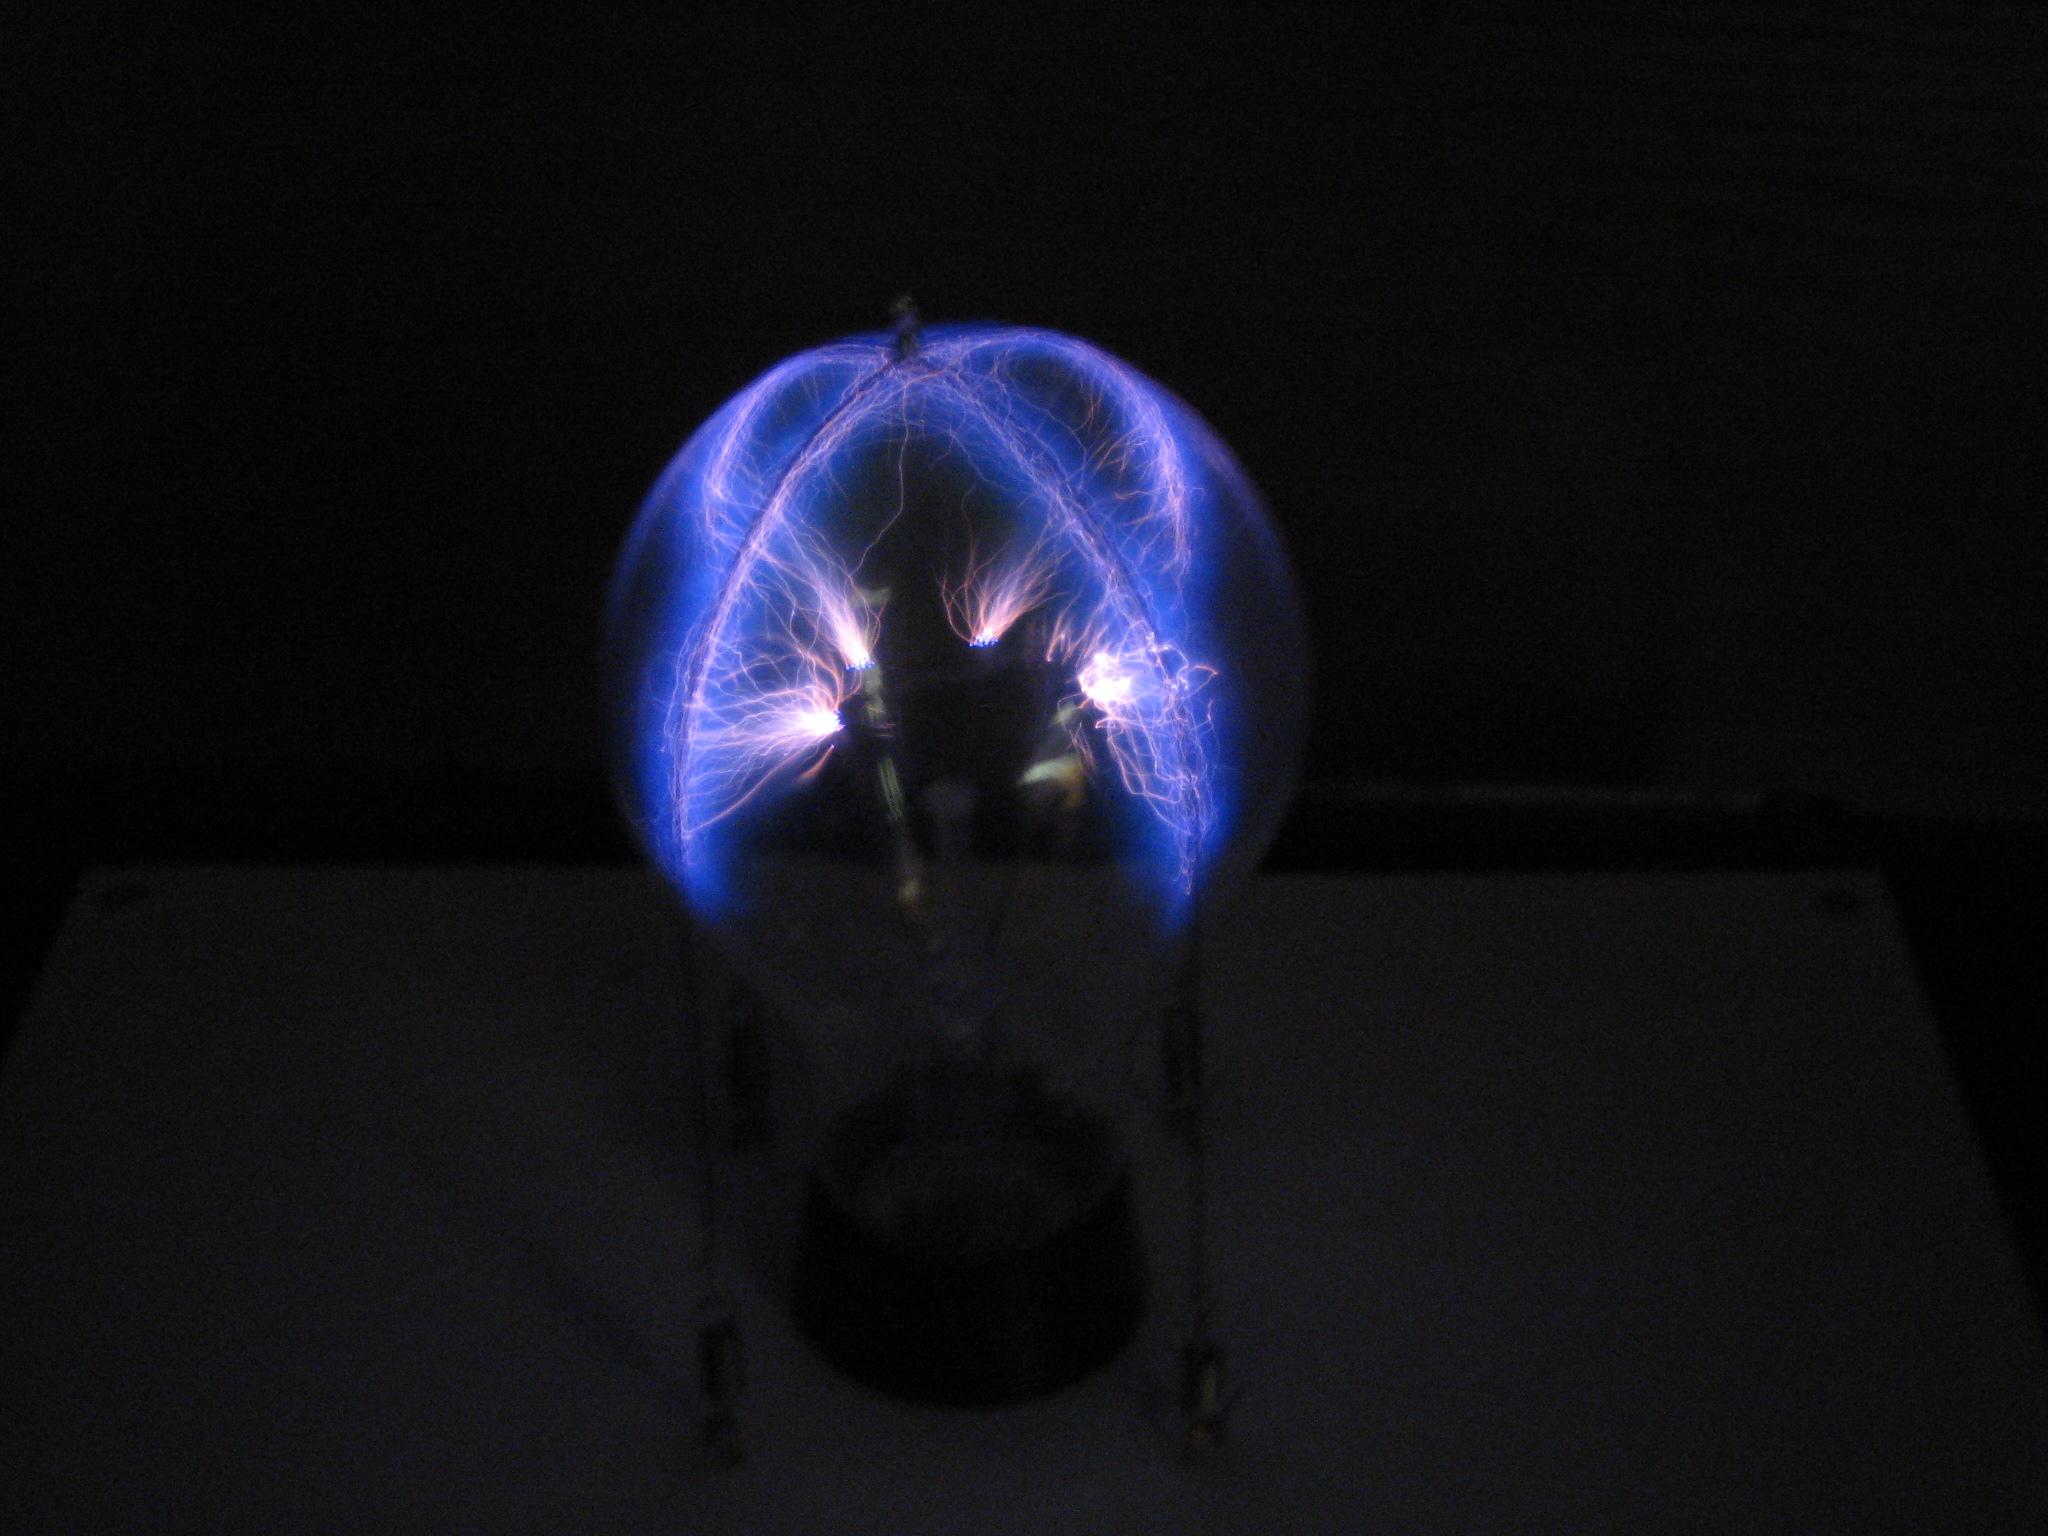 Fabriquer une lampe plasma avec une ampoule 220 volts for Ampoule pour lampe a lave